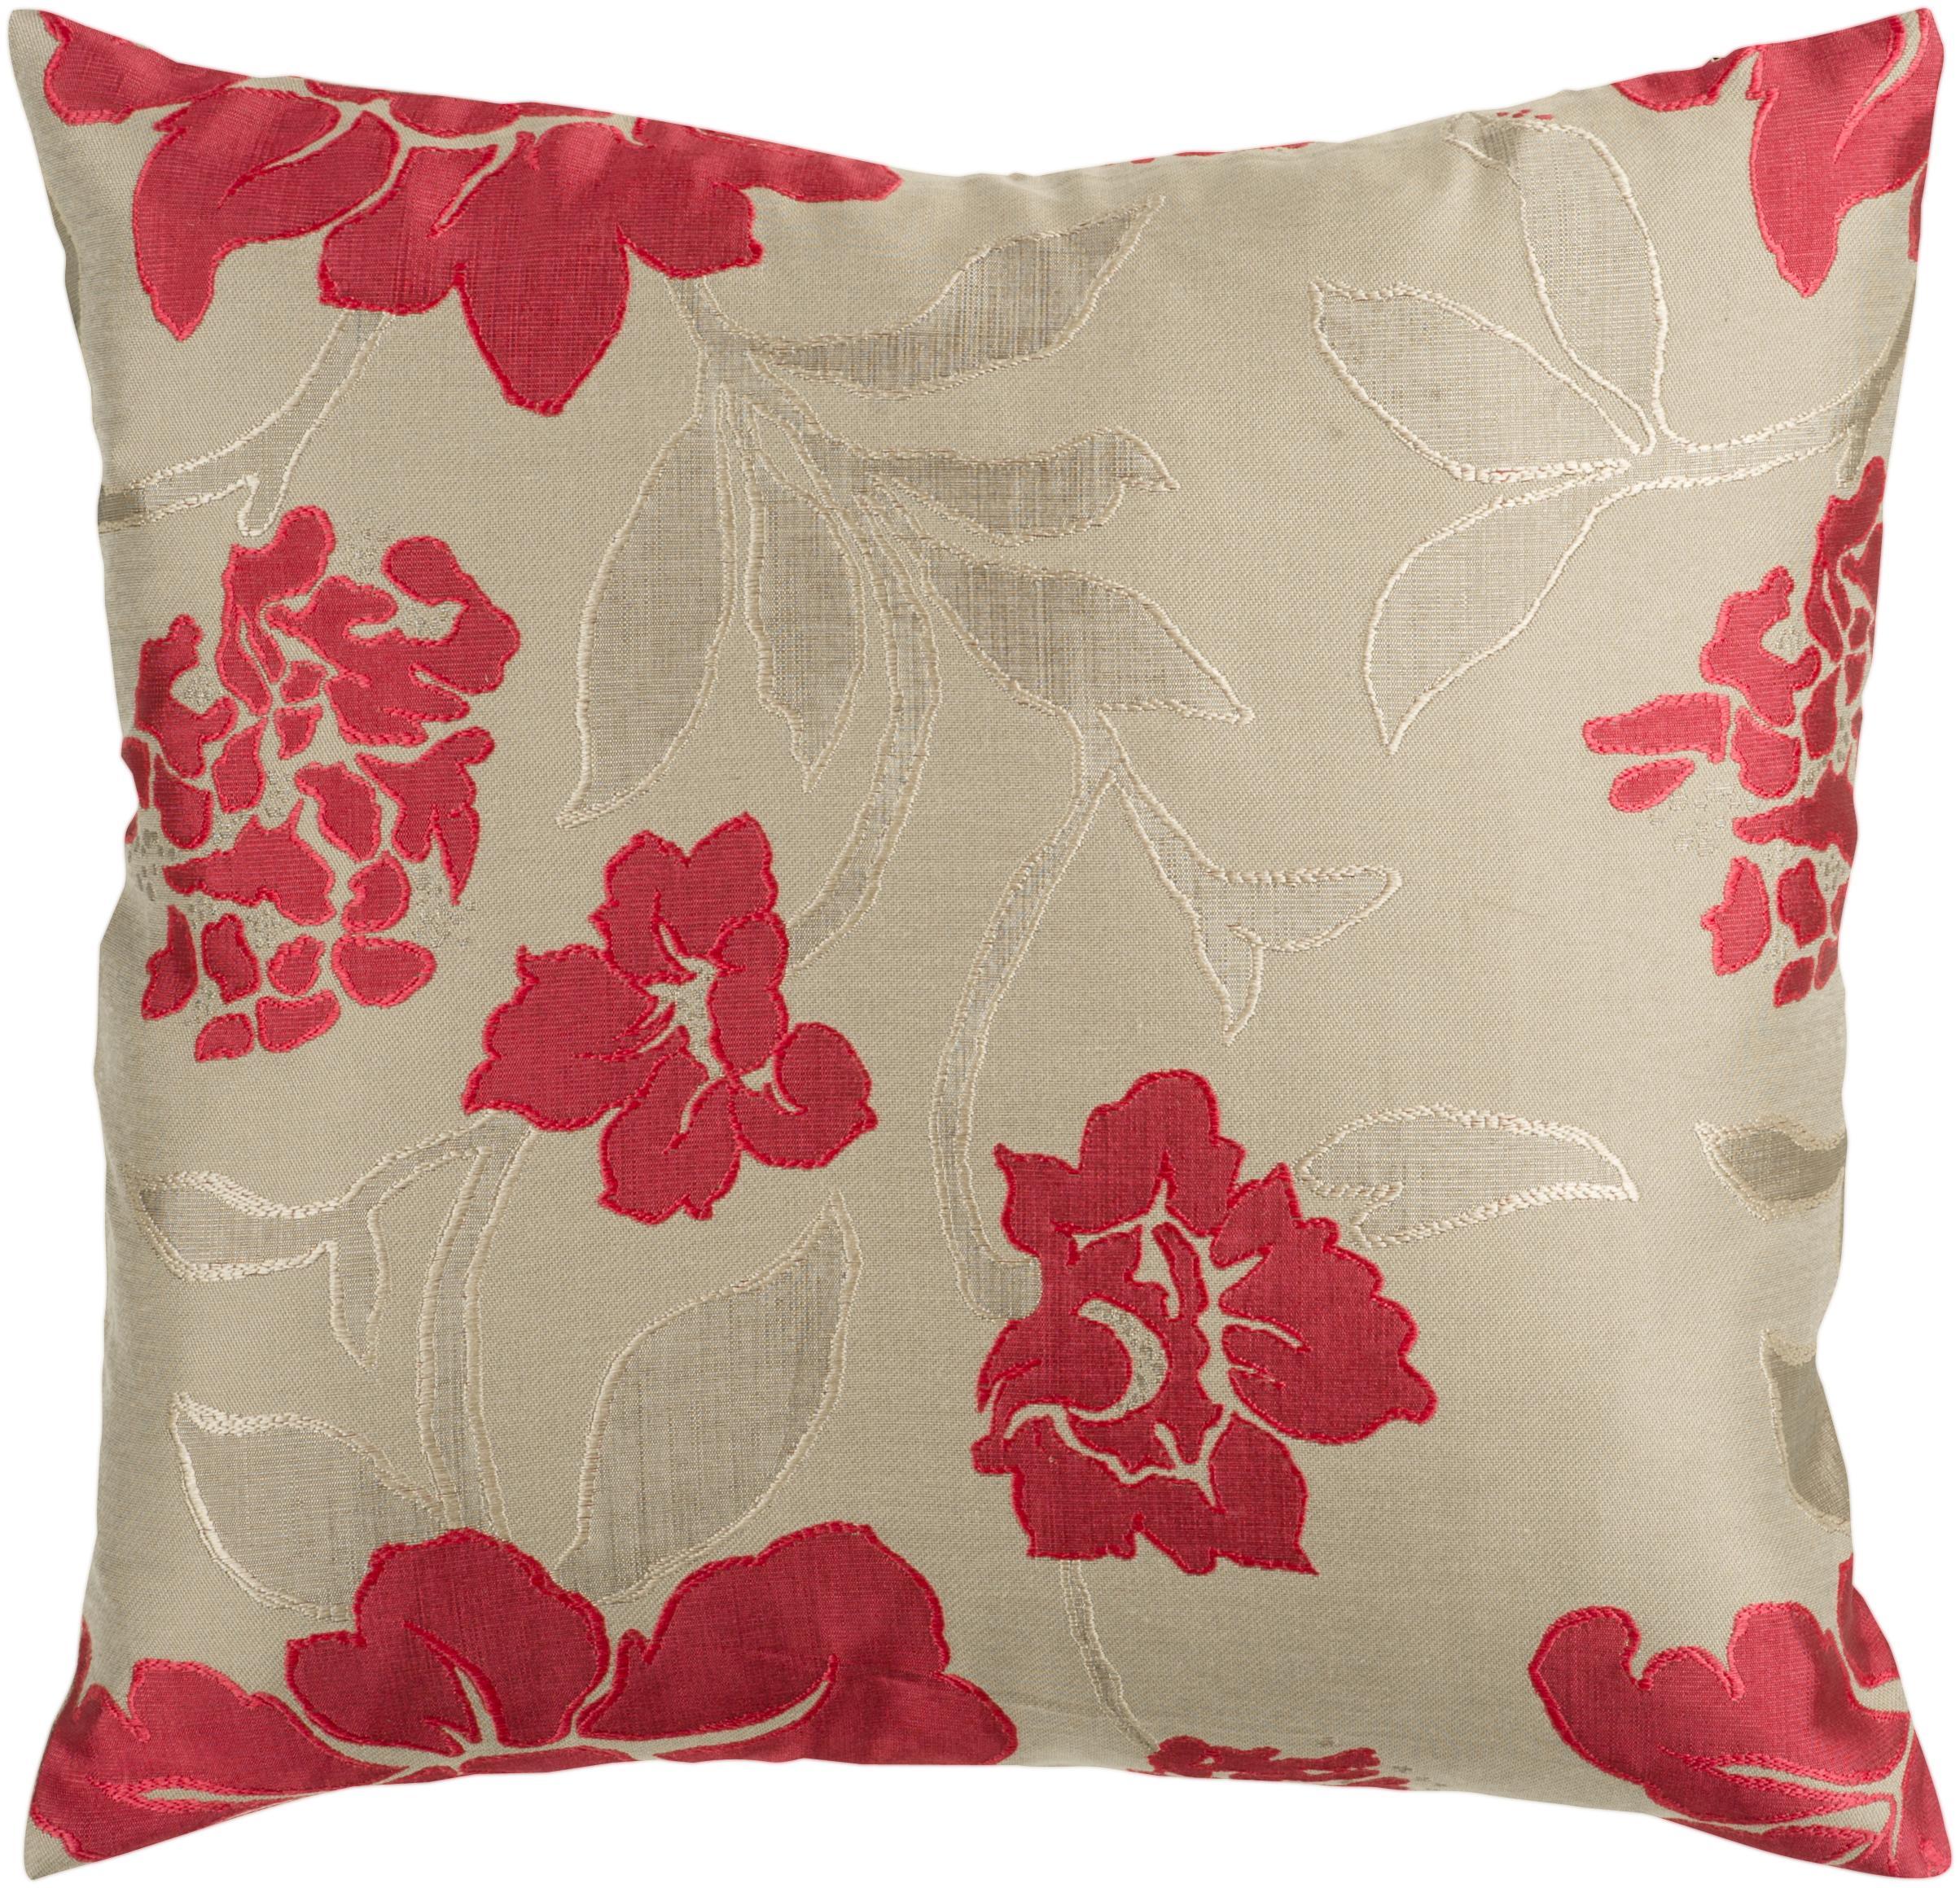 """Surya Pillows 22"""" x 22"""" Pillow - Item Number: HH047-2222P"""